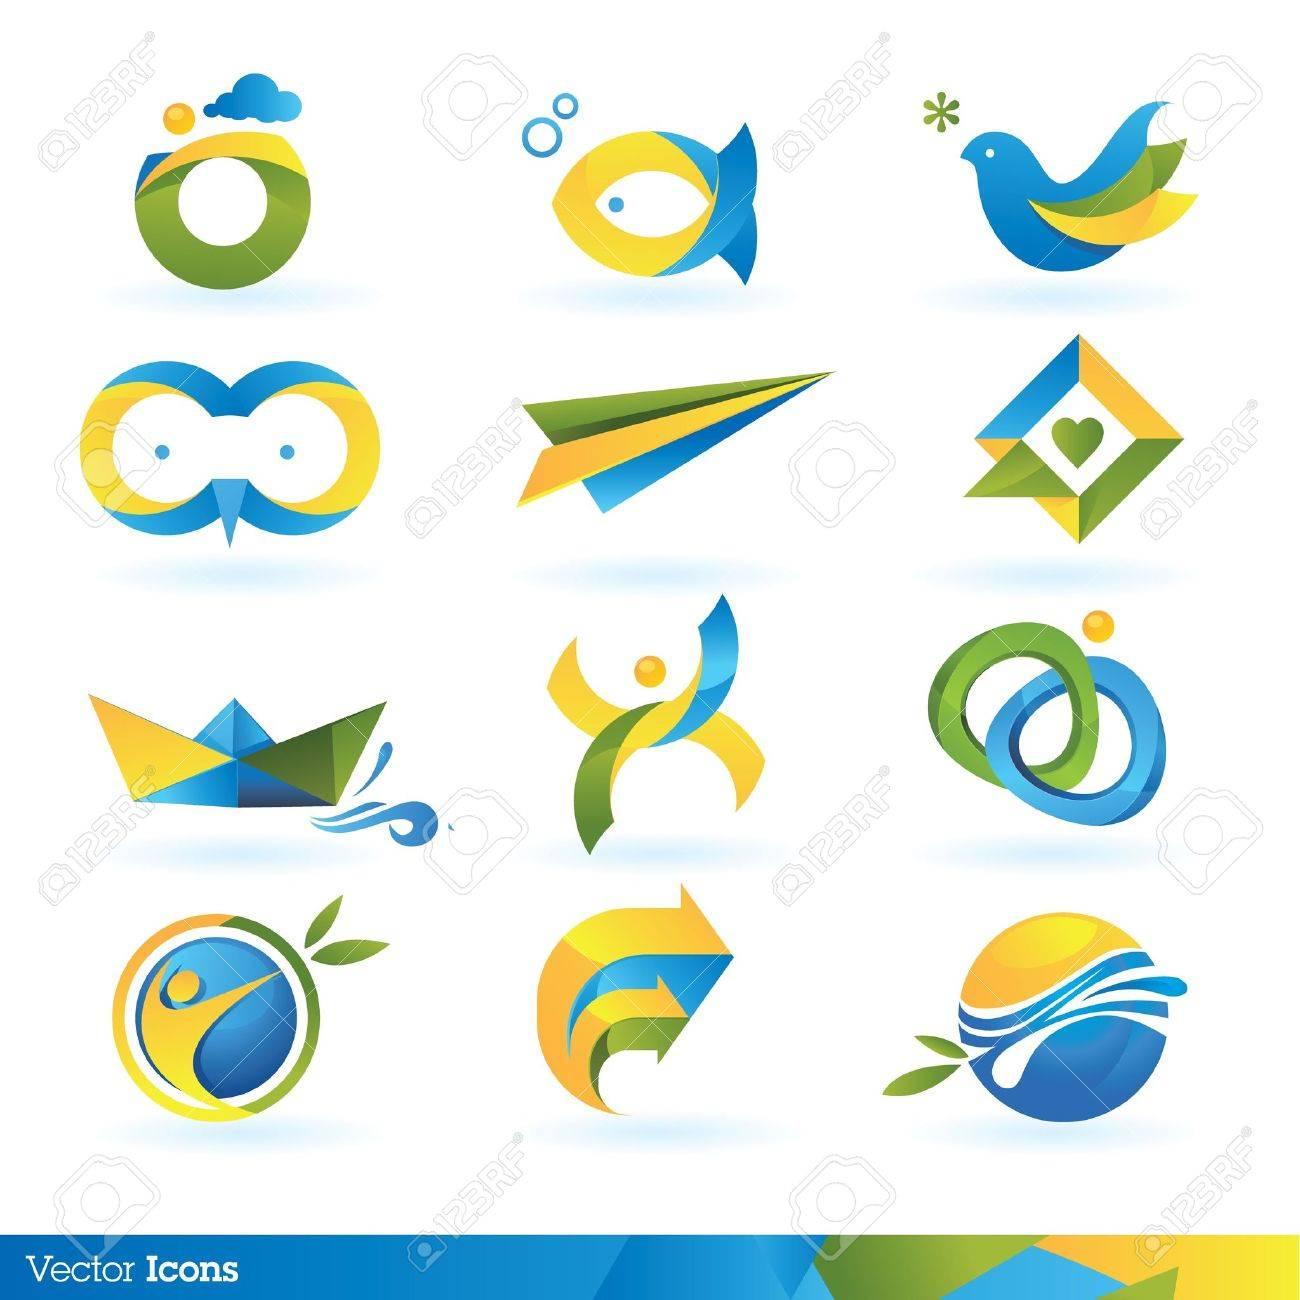 Icon design elements - 10564207